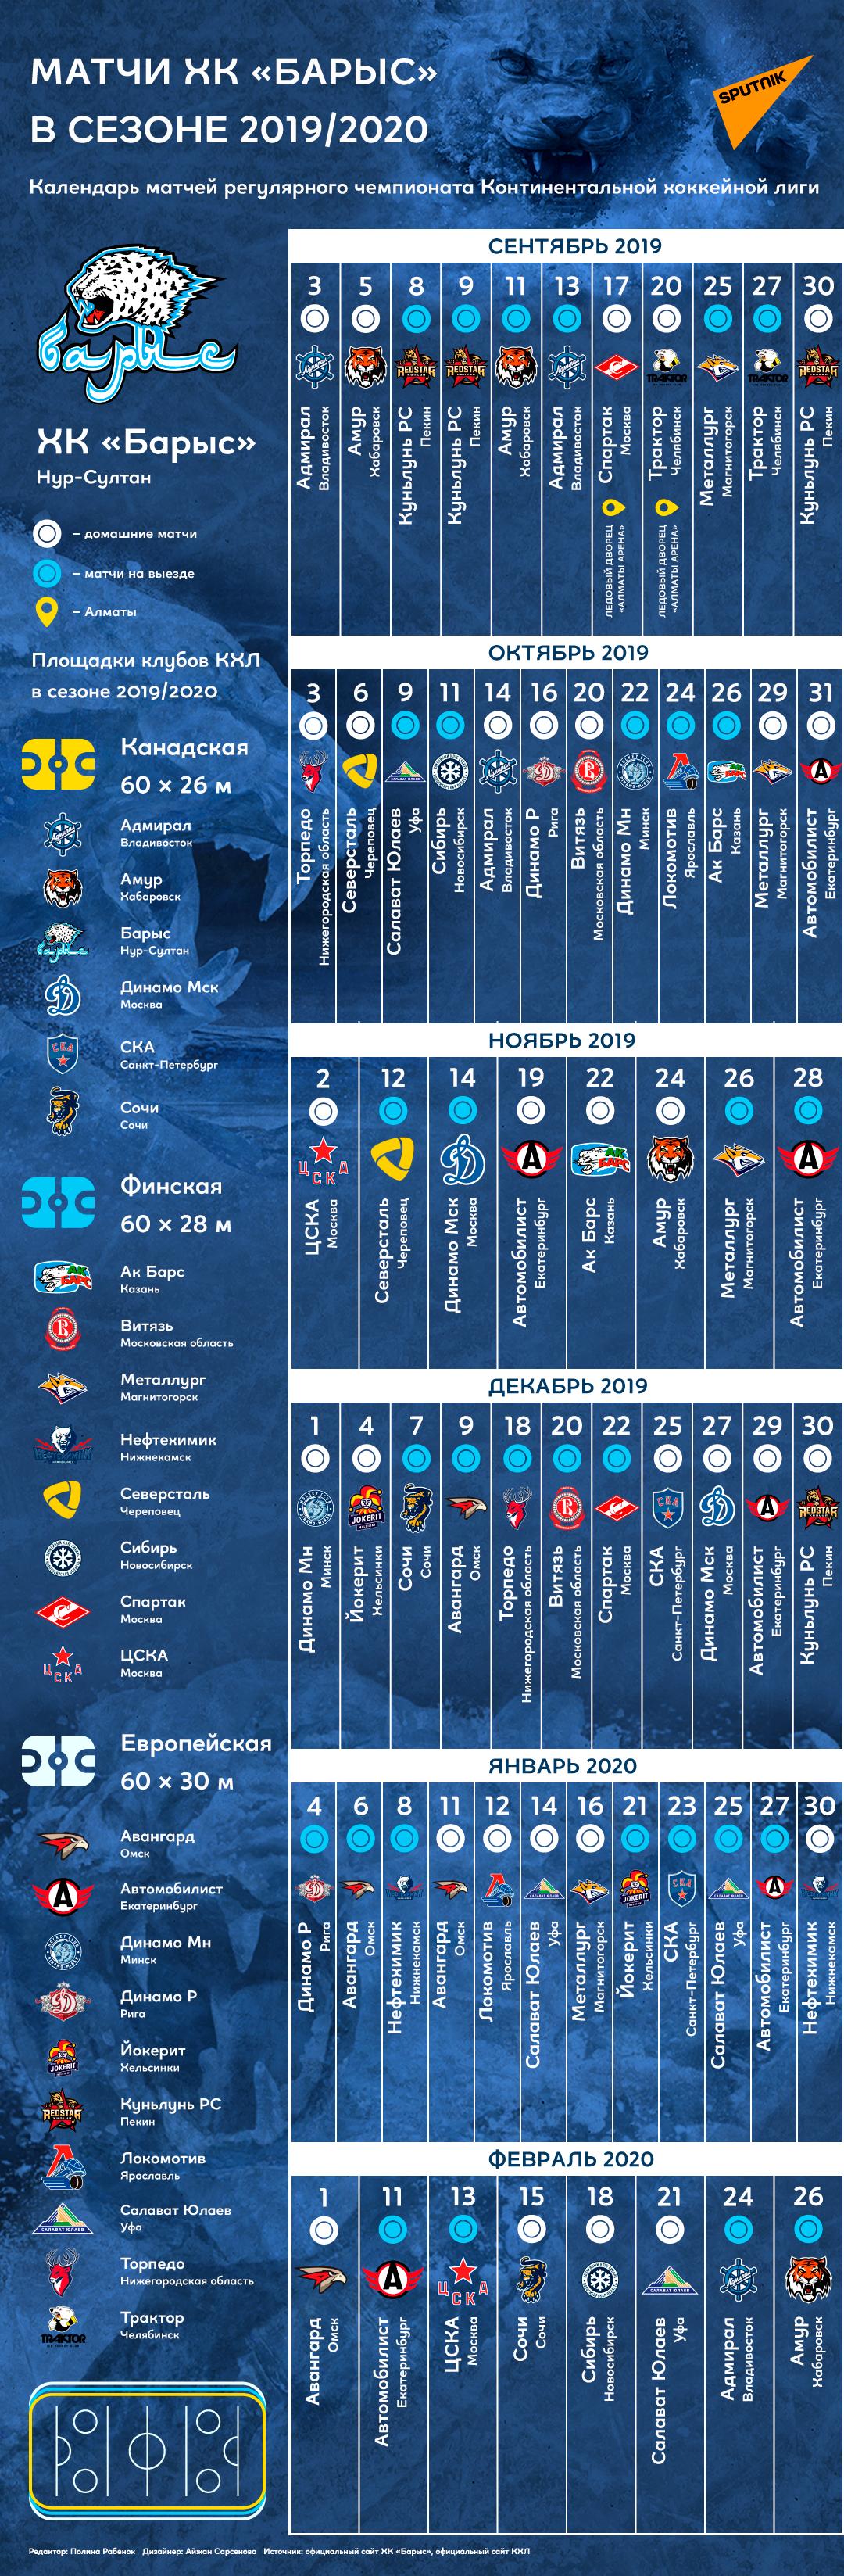 Матчи ХК Барыс в сезоне 2019/2020